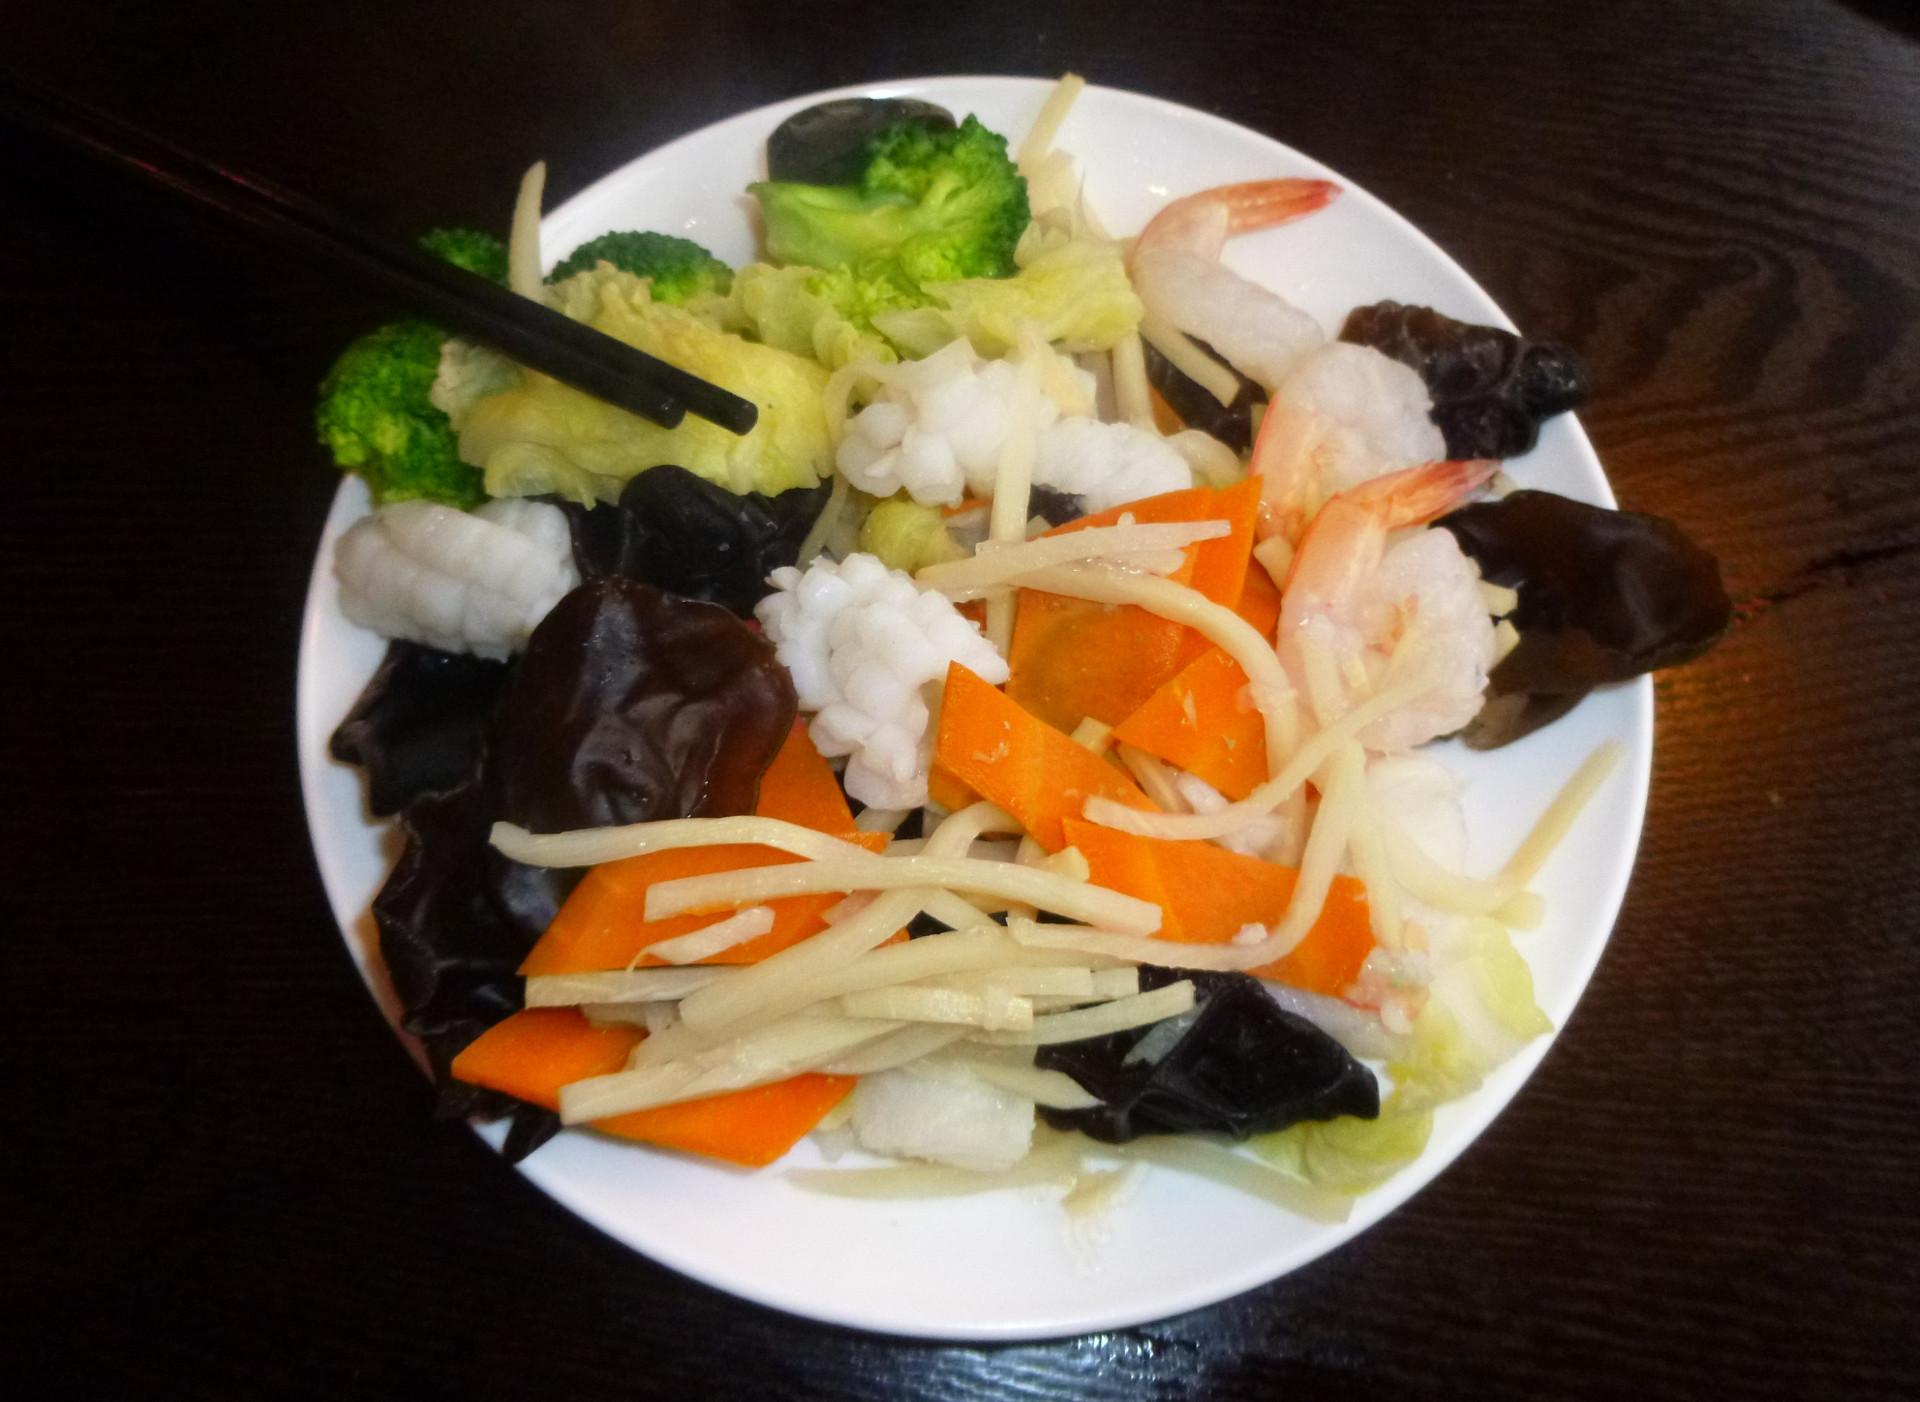 Recette asiatique - Calamar aux légumes asiatiques